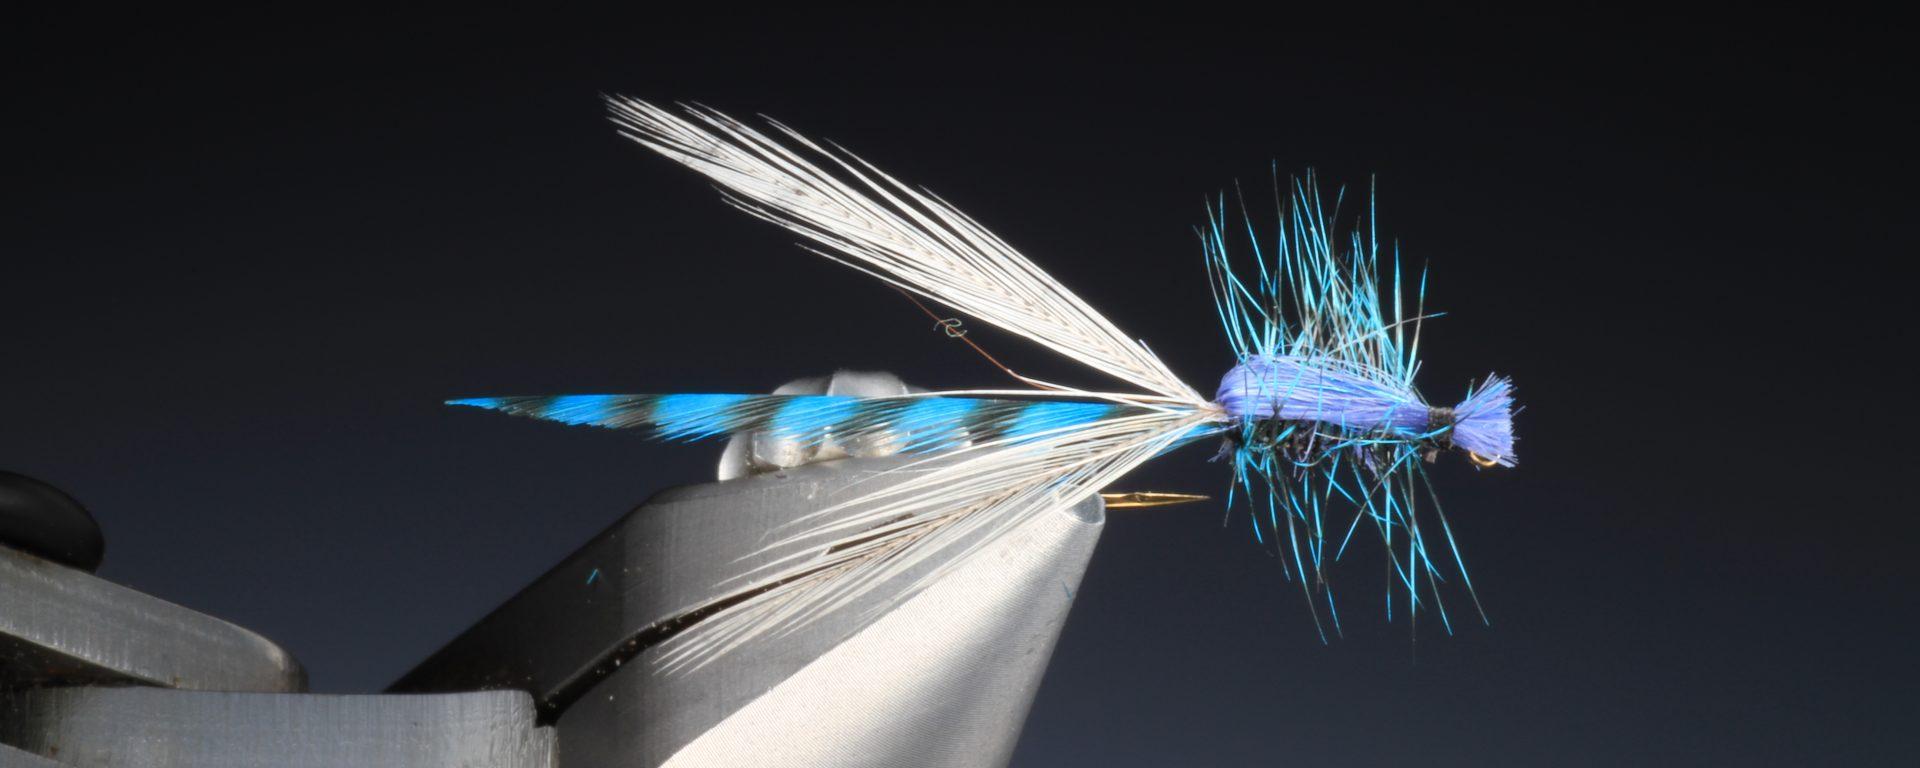 fly tying Adult Blue Damsel